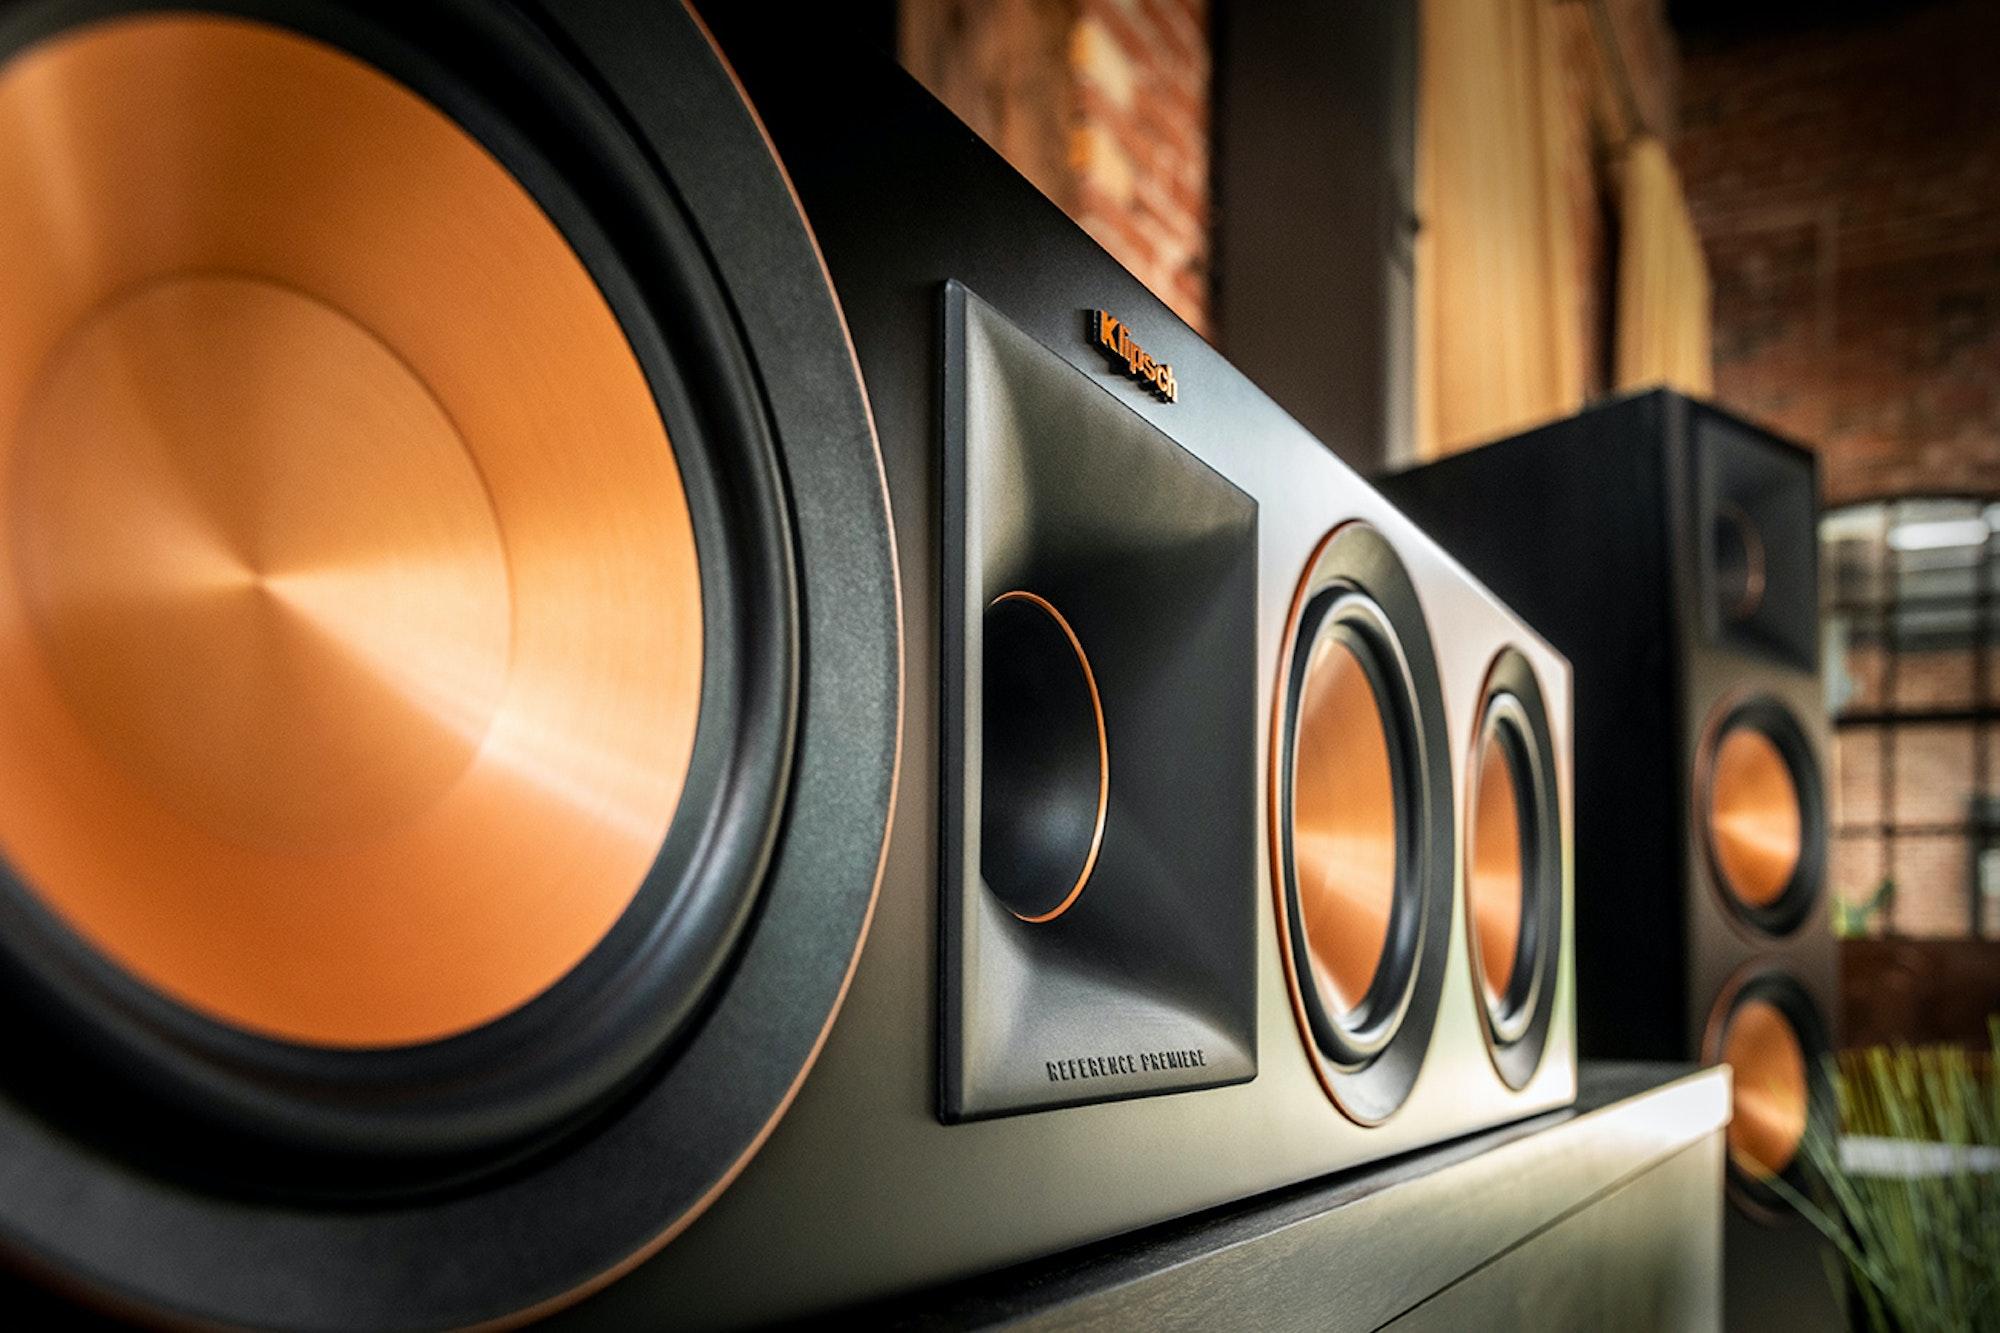 Klipsch best center channel speaker